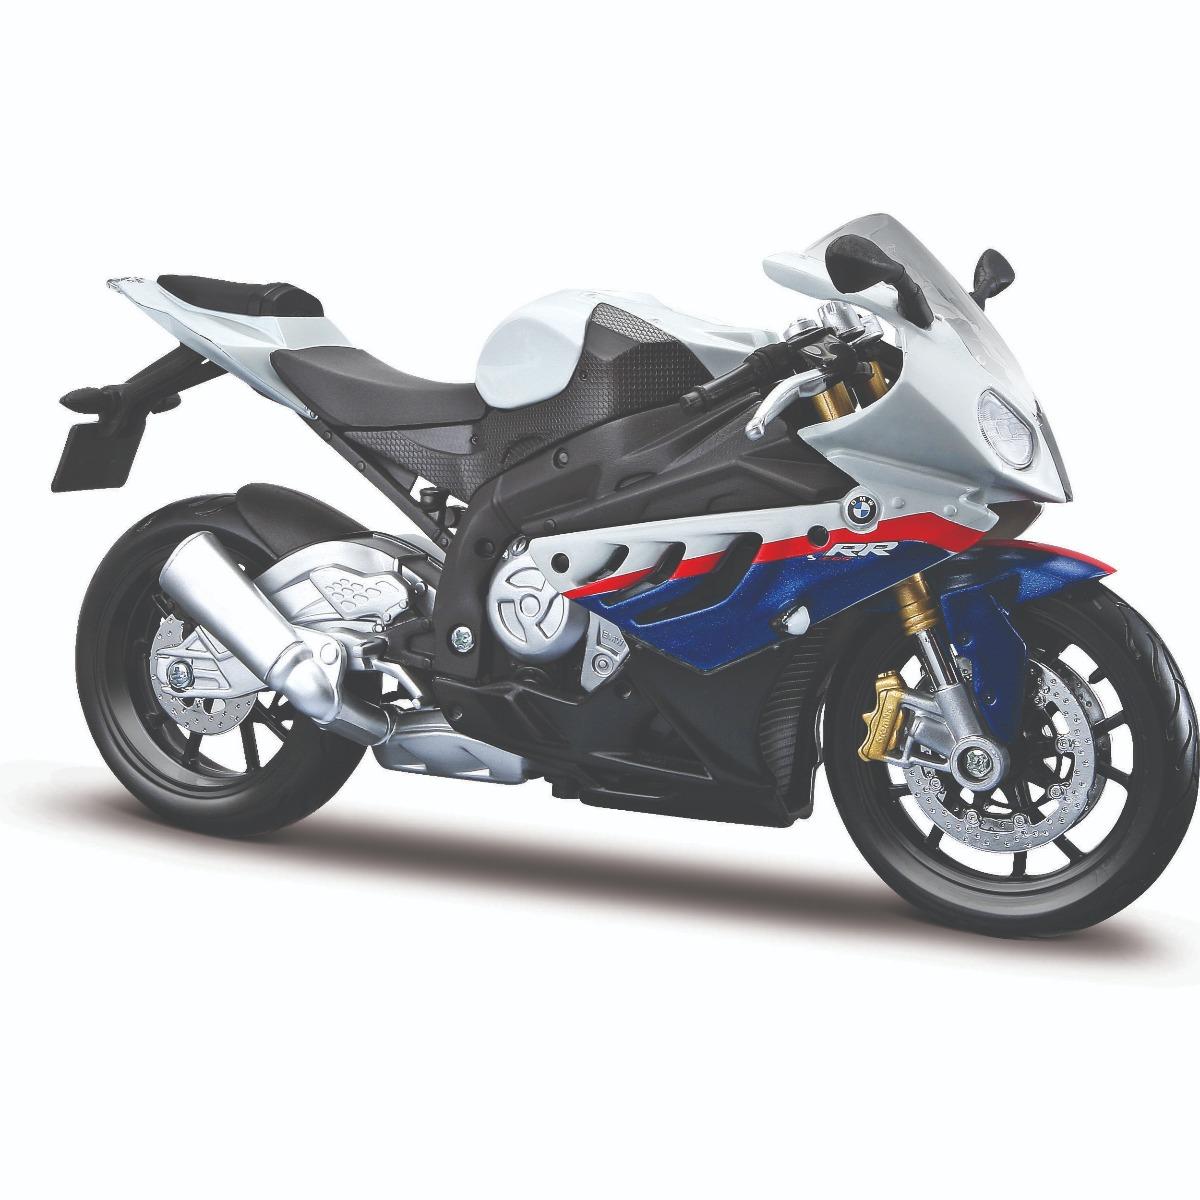 Motocicleta Maisto BMW 1000 RR, 1:12